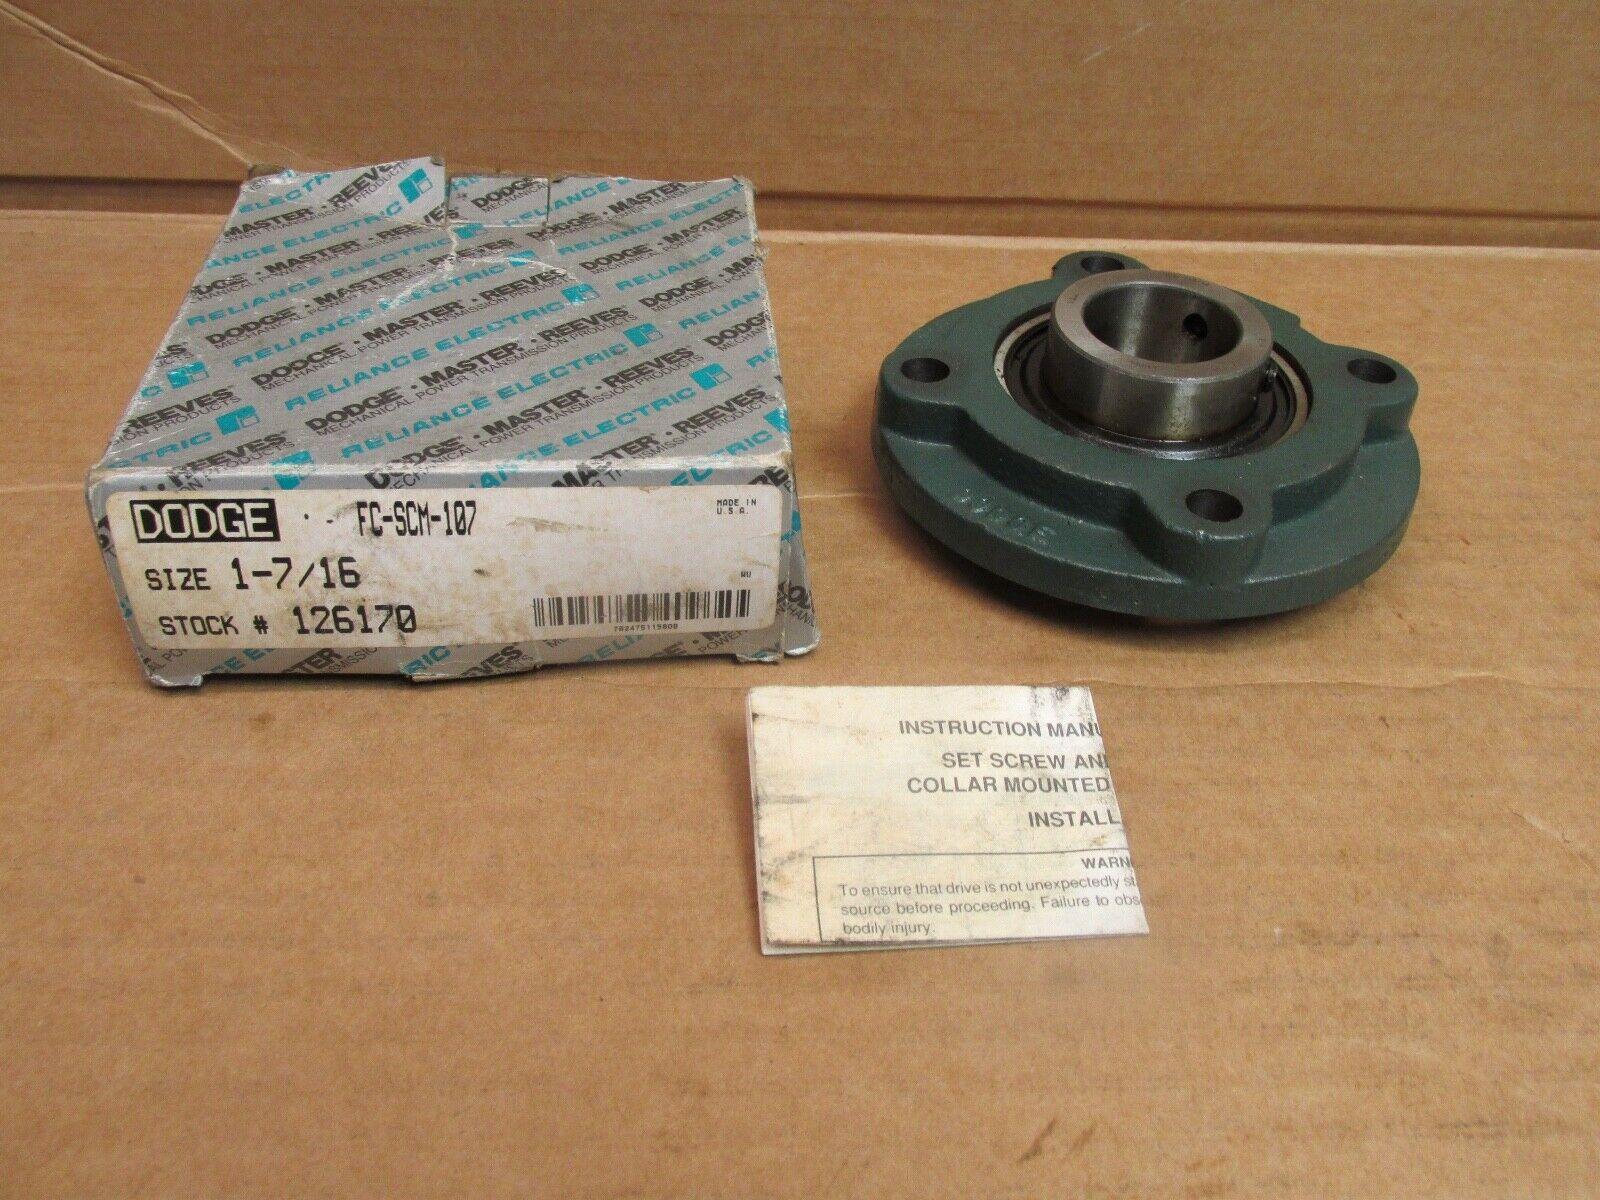 SCHBSC110//124404 Dodge New Hanger Bearing